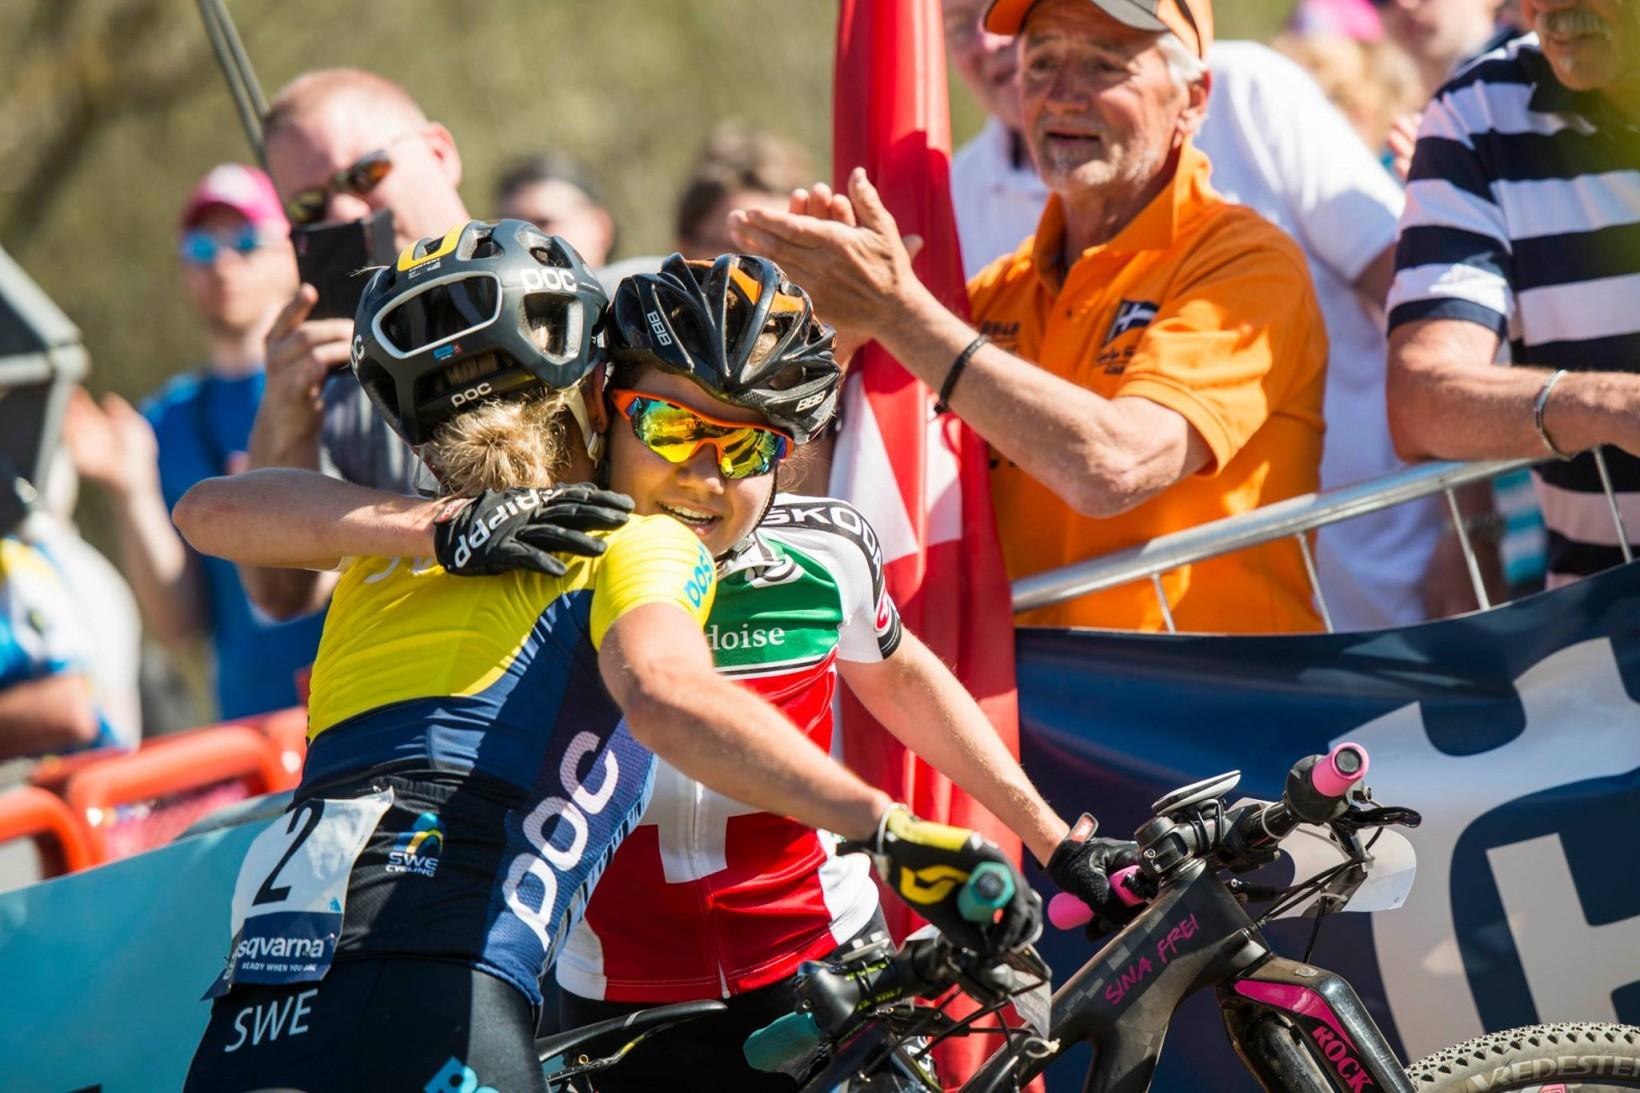 Glada medaljörer! Foto: Jesper Andersson